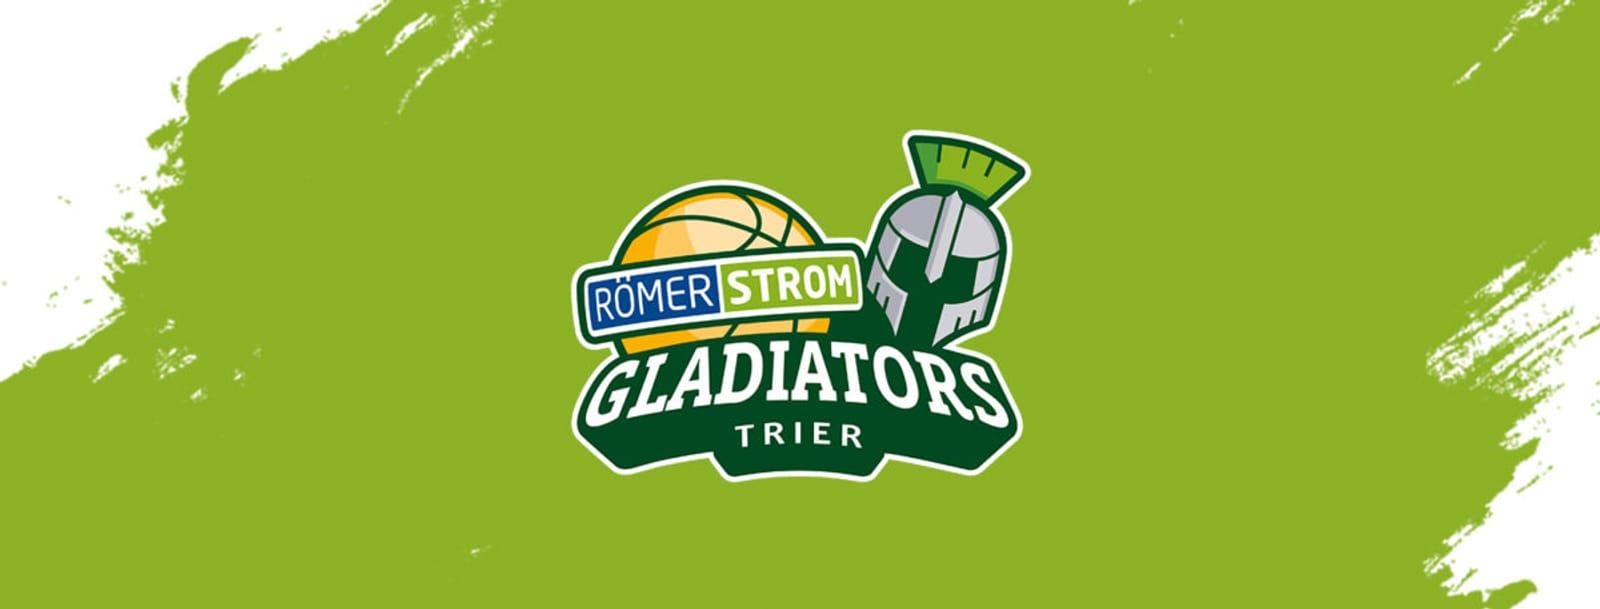 Dauerkarten RÖMERSTROM Gladiators Trier  Saison 20/21